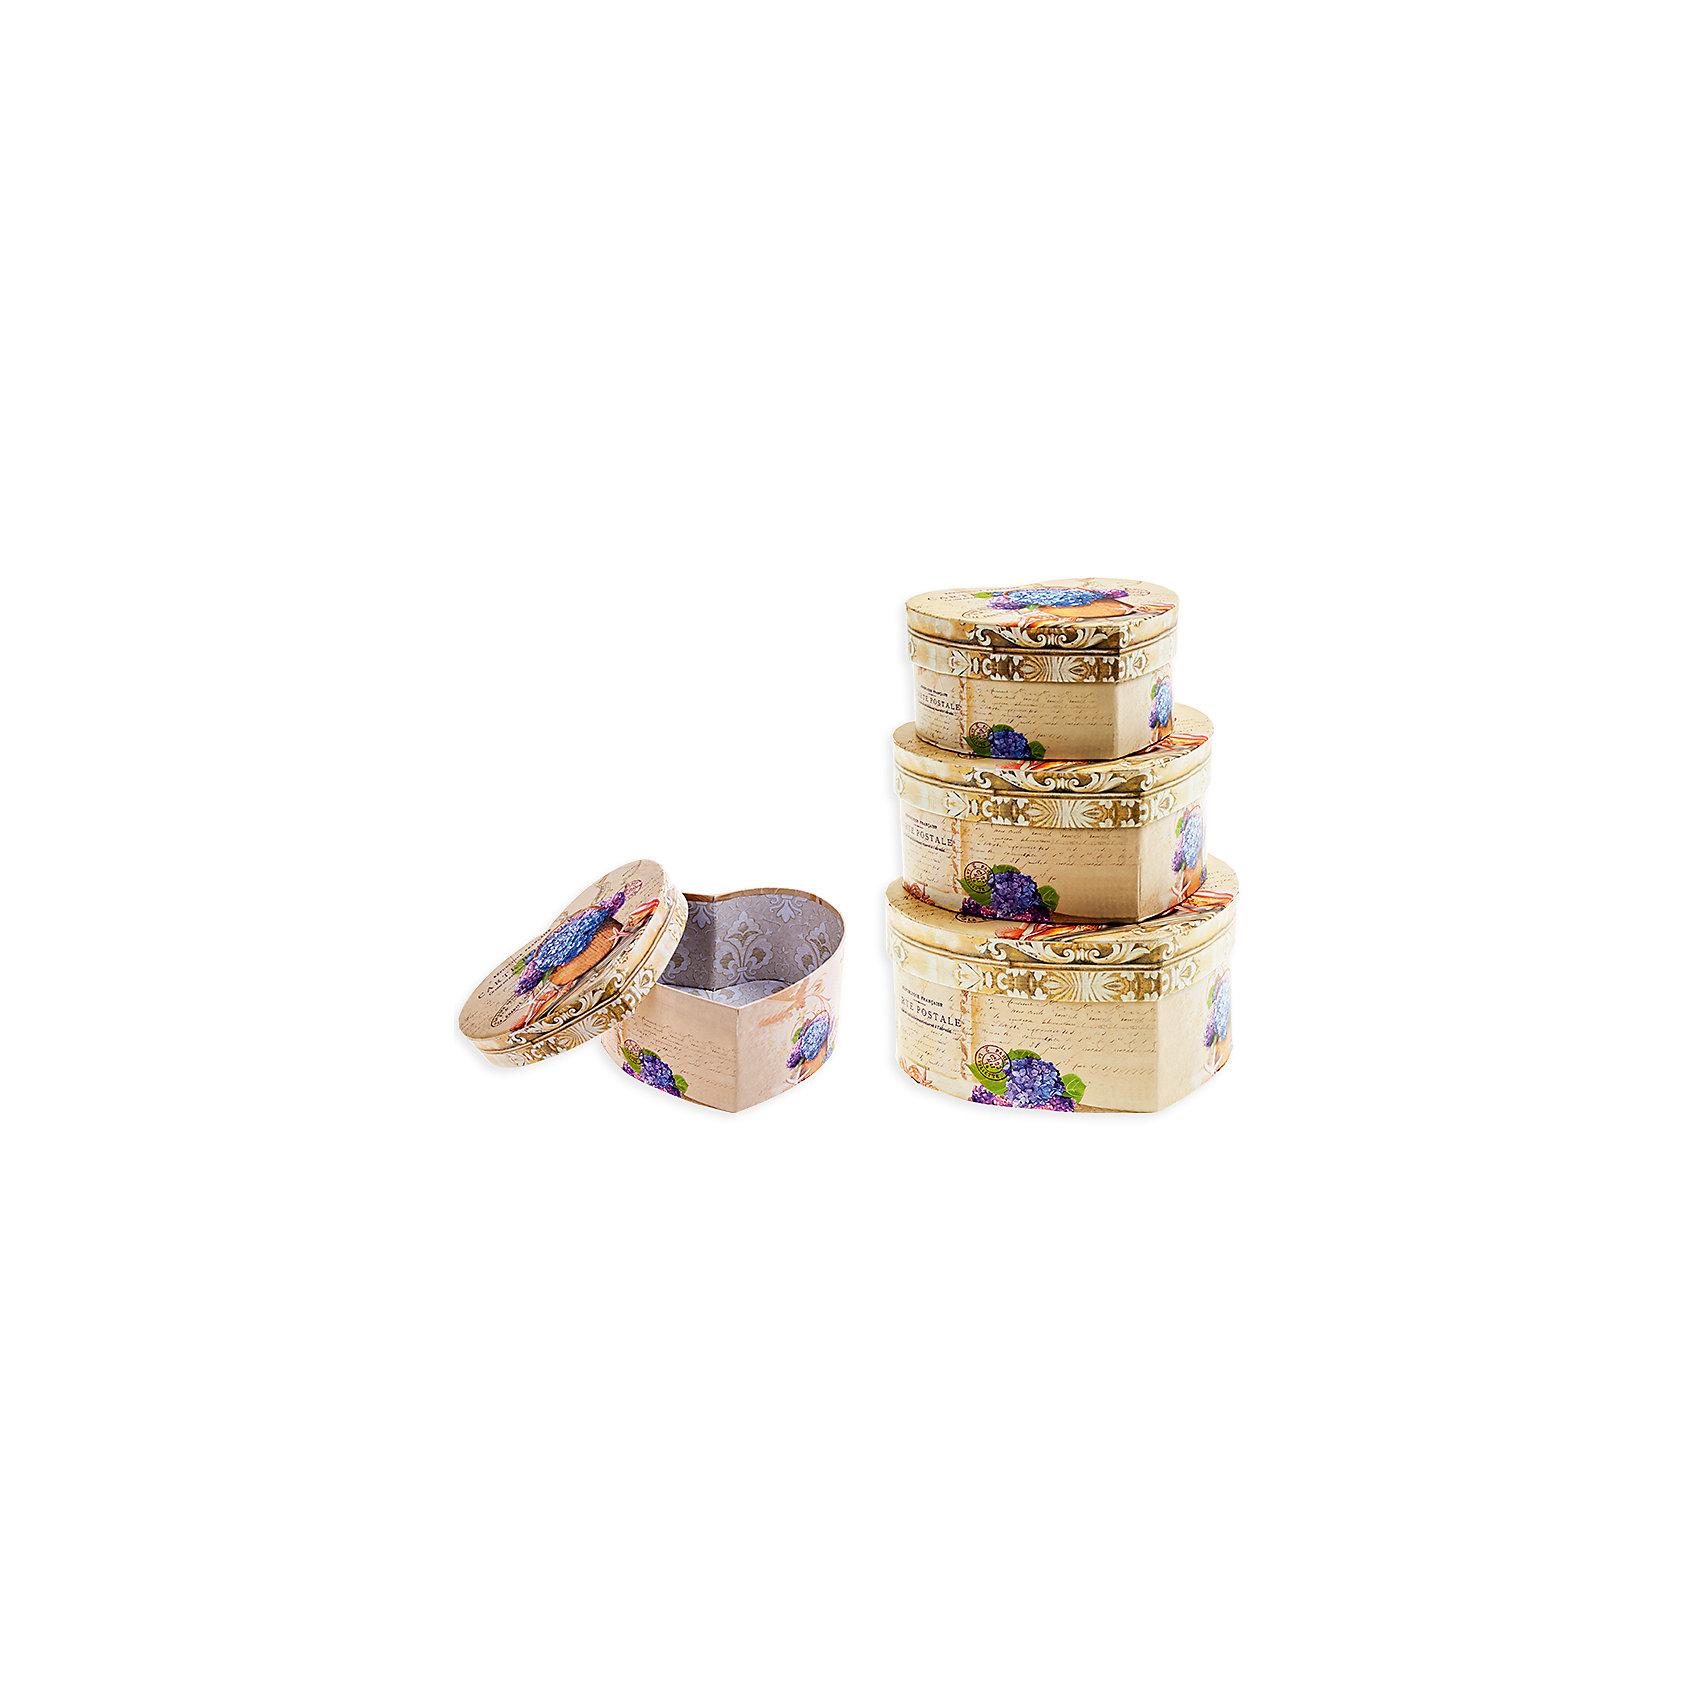 Набор подарочных коробок Сирень, форма-сердце, 3 шт., SchreiberХарактеристики Товара:<br><br>• диаметр: 11, 13, 15 см<br>• комплектация: 3 шт разного размера<br>• для подарков<br>• материал: бумага<br>• принт<br>• в форме сердца<br>• страна бренда: Российская Федерация<br>• страна производства: Китай<br><br>Дарить подарки - целое искусство. Получать подарки приятнее всего в красивой упаковке! Такой набор коробок поможет сделать сюрприз еще радостнее. В комплекте - три коробки разного размера, но с одинаковой расцветкой. Удобный формат, приятные оттенки, качественное исполнение! Из такой упаковки приятно доставать подарок на Новый год или другой праздник!<br>Коробки выглядят очень красиво. Их также можно использовать для хранения различных вещей - изделия будут отлично смотреться в любом интерьере. Товар производится из качественных и проверенных материалов, которые безопасны для детей.<br><br>Набор подарочных коробок Сирень, форма-сердце, 3 шт., от бренда Schreiber можно купить в нашем интернет-магазине.<br><br>Ширина мм: 150<br>Глубина мм: 220<br>Высота мм: 115<br>Вес г: 500<br>Возраст от месяцев: 36<br>Возраст до месяцев: 216<br>Пол: Унисекс<br>Возраст: Детский<br>SKU: 5246274